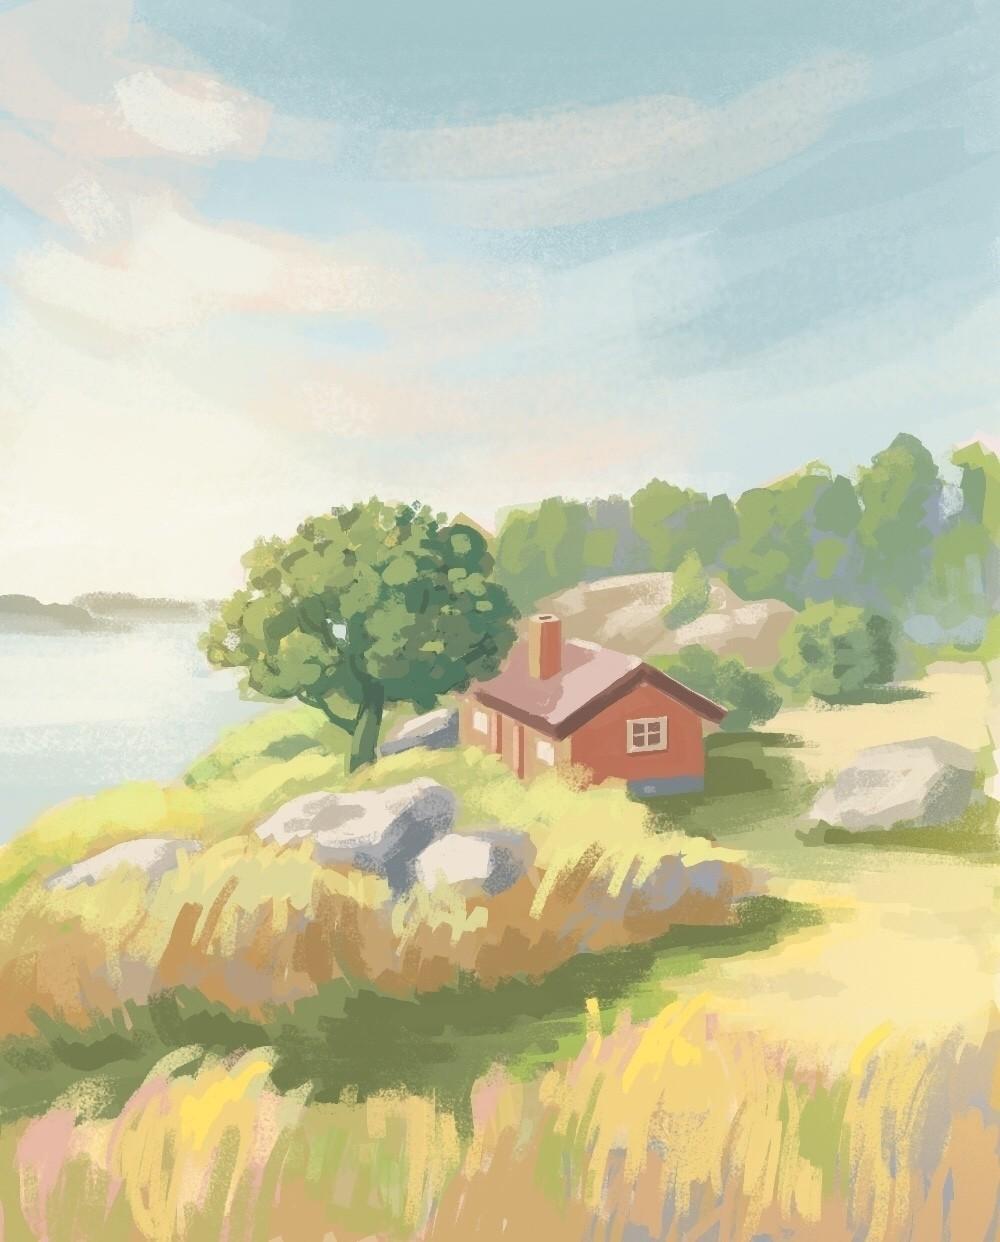 風景画 島の小屋の夕暮れハートヘッドイラストnote